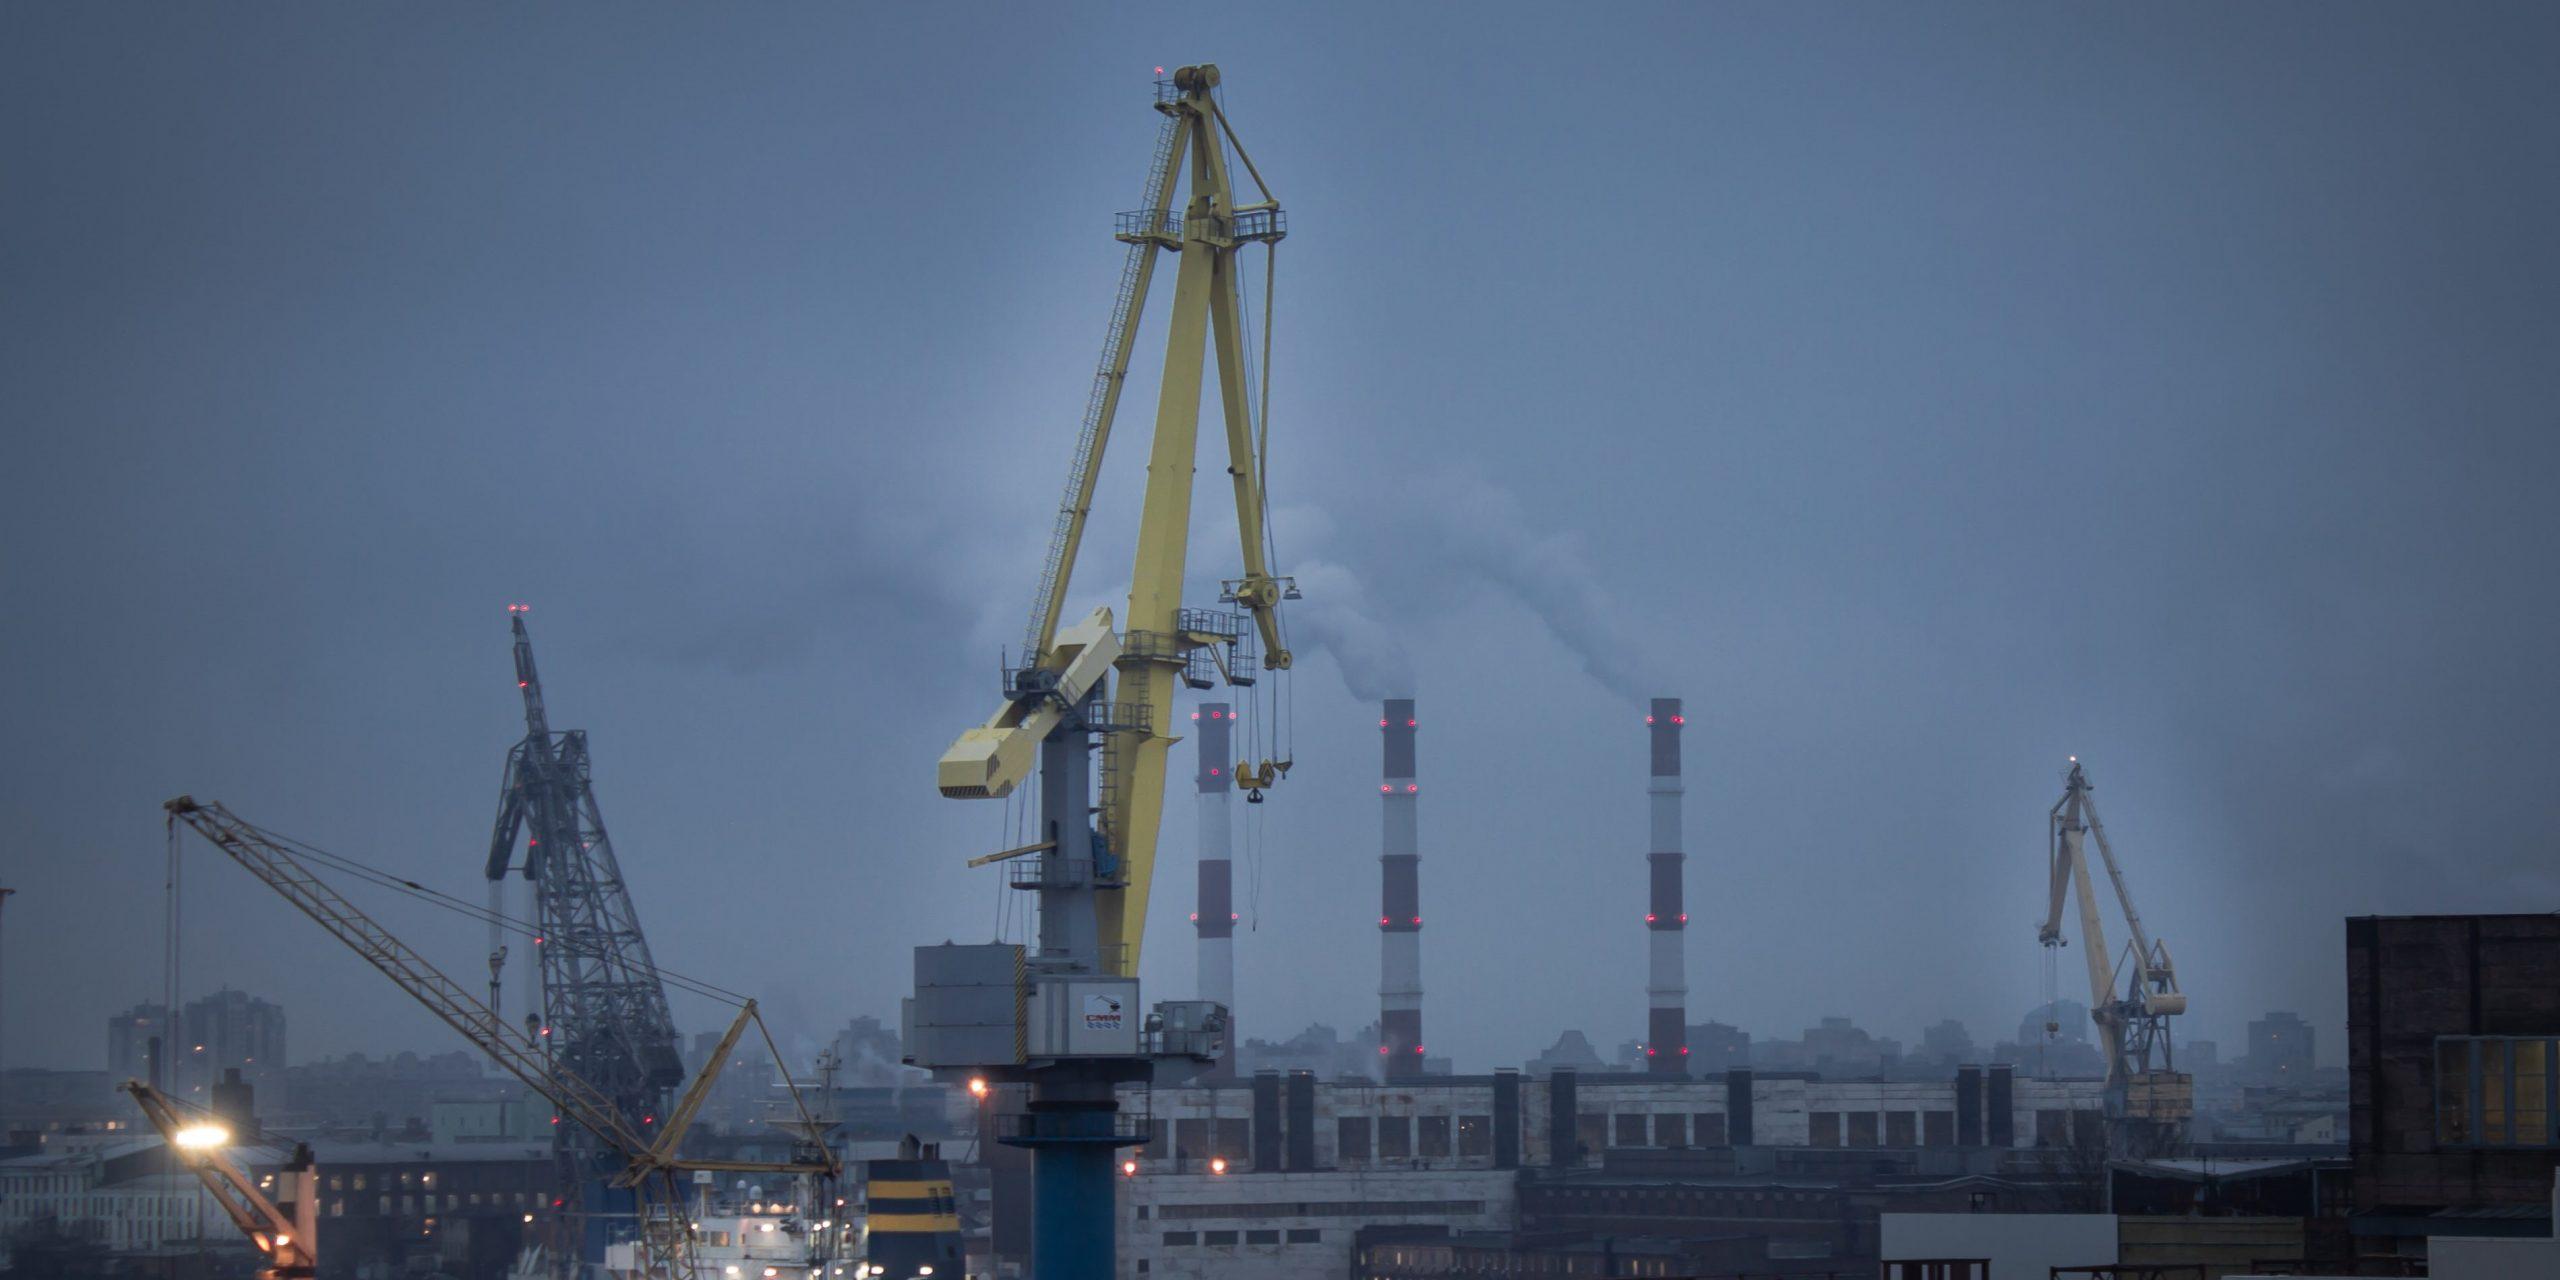 «Росатом» и Nokia провели успешные испытания выделенной беспроводной сети Private LTE/5G на Чепецком механическом заводе